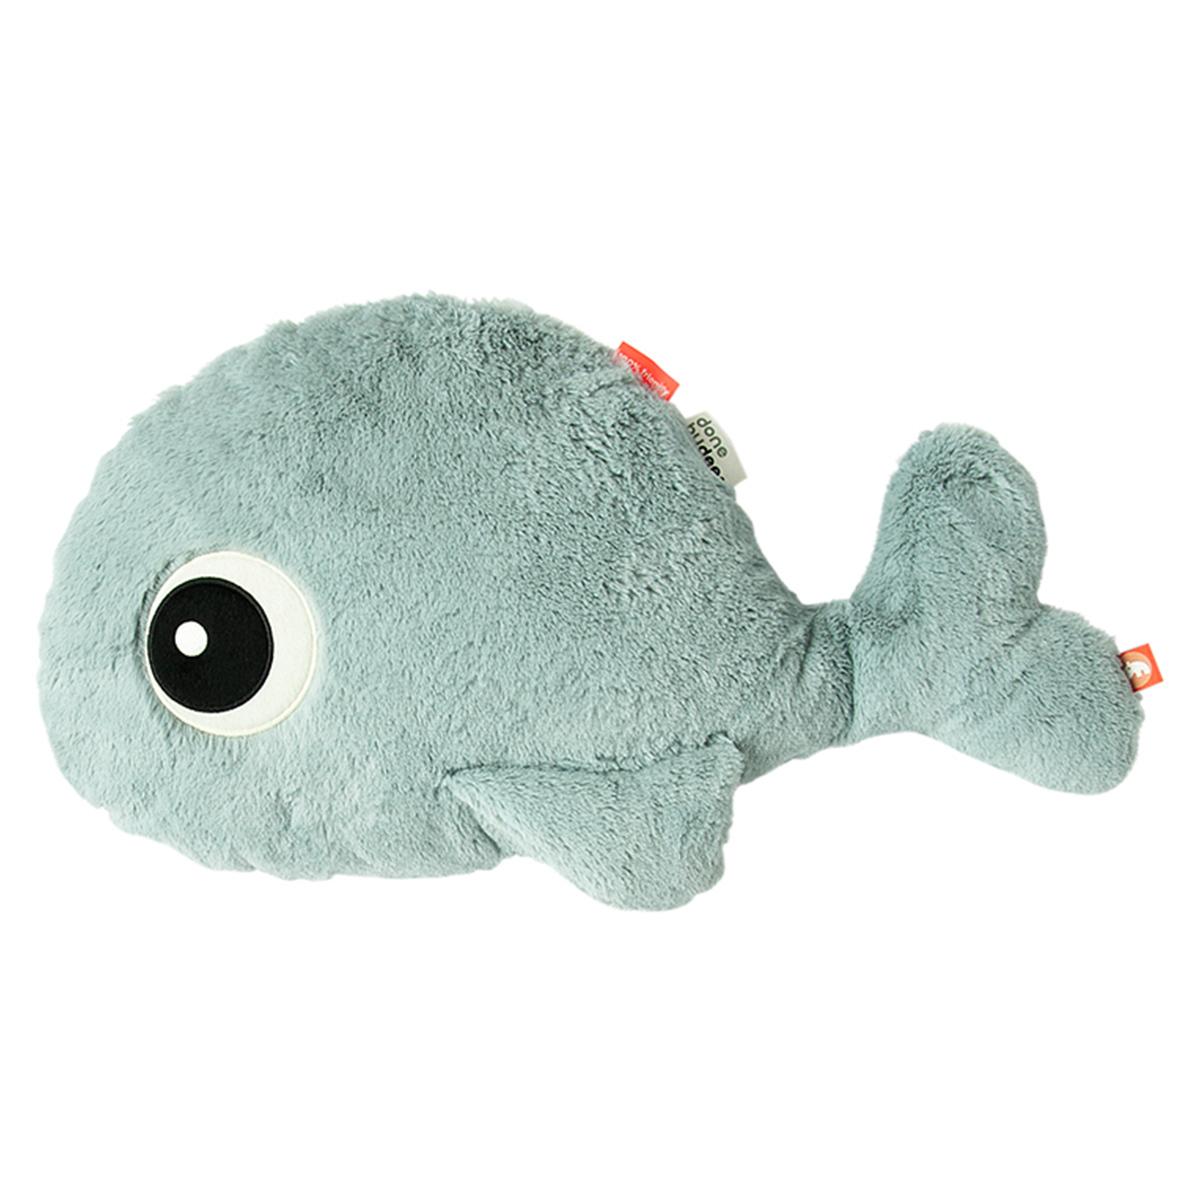 Peluche Friend Wally Blue - Géant Peluche Baleine Bleue 57 cm